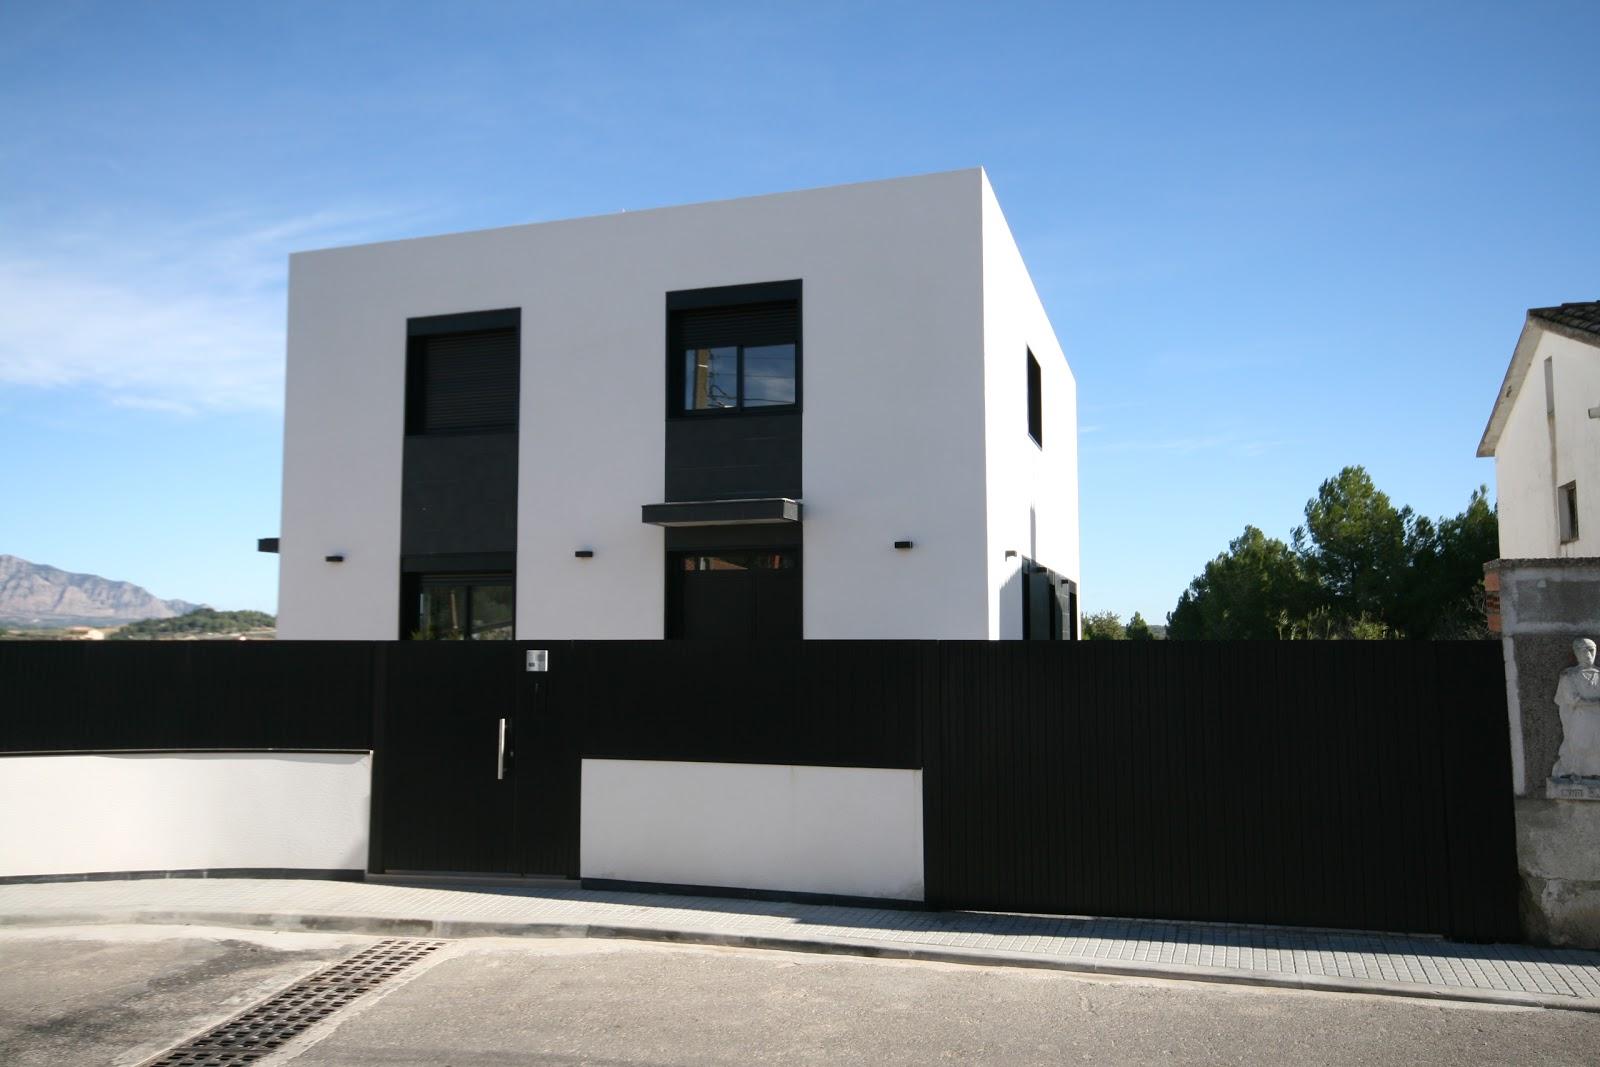 Casas modulares blochouse - Casa modulares hormigon ...